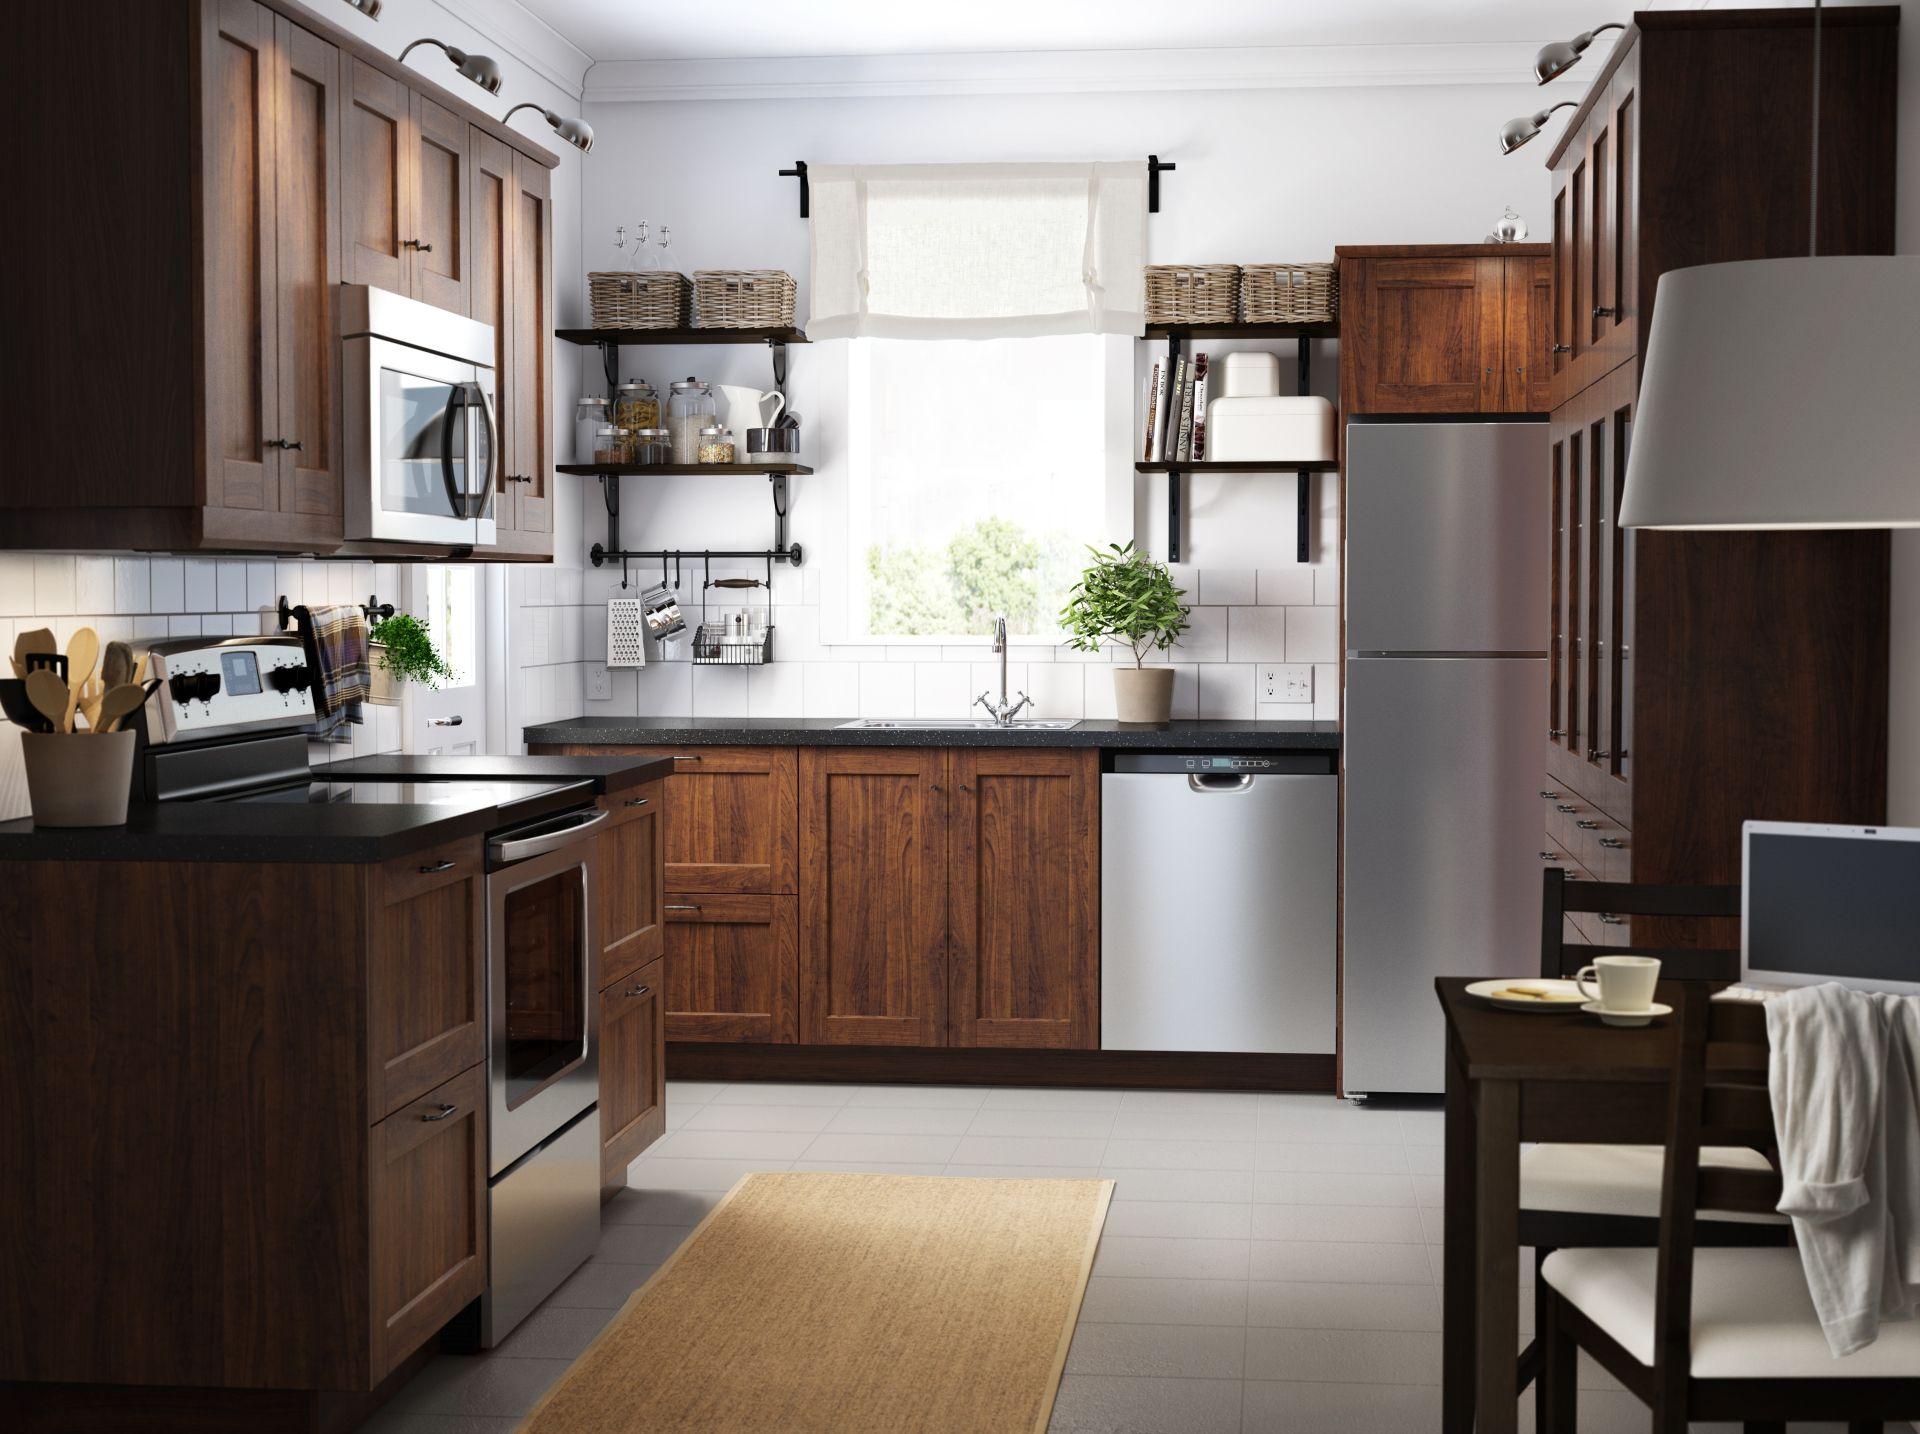 Opbergers Ikea Keuken : Metod edserum keuken ikea ikeanl ikeanederland keukenkast kast